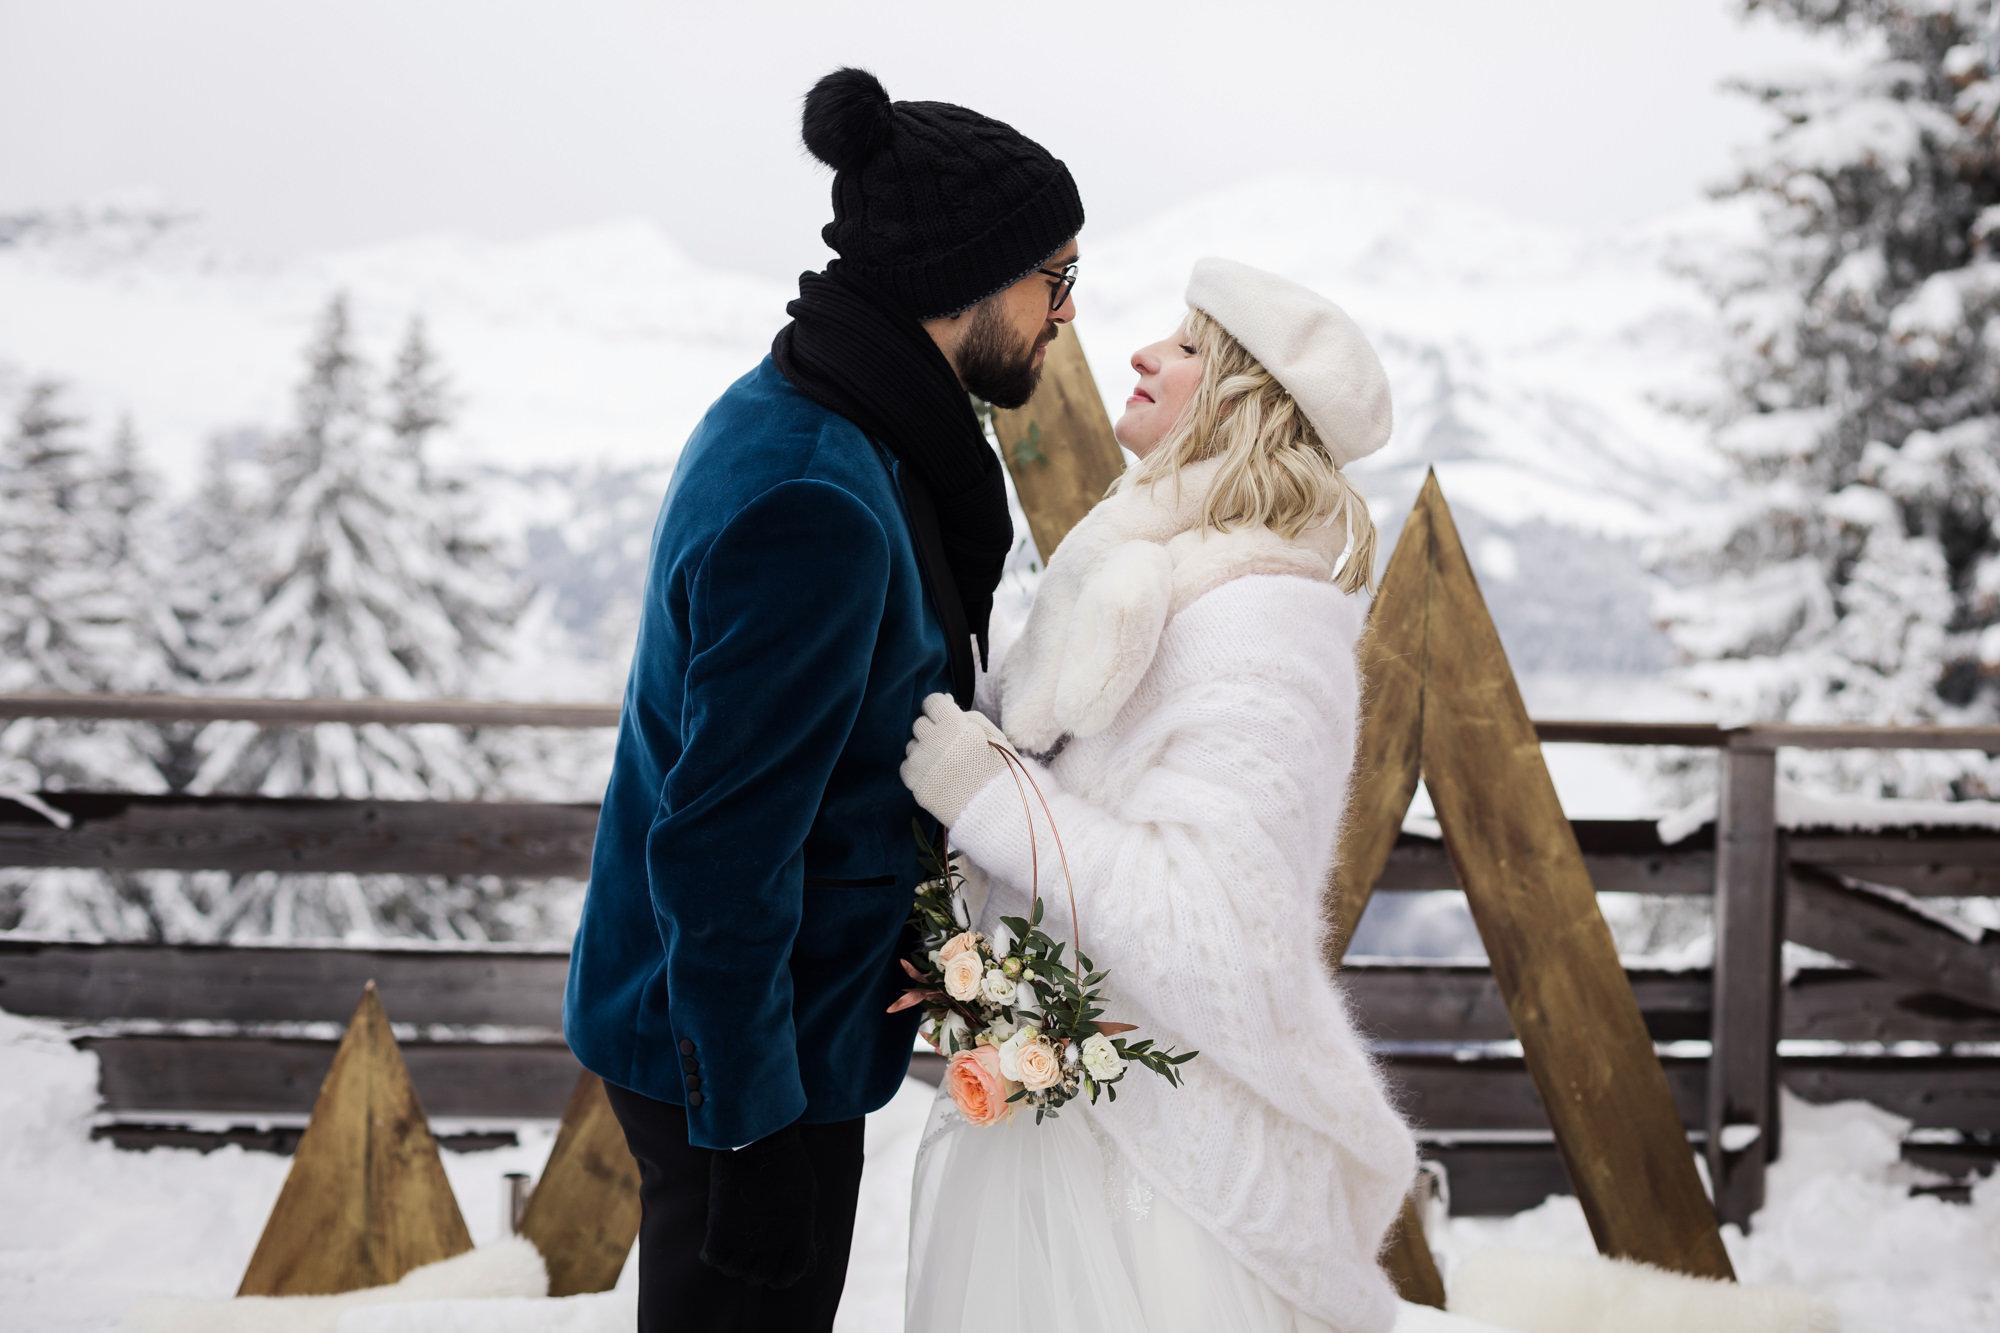 mariage d'hiver elopement - blog mariage - le carnet blanc